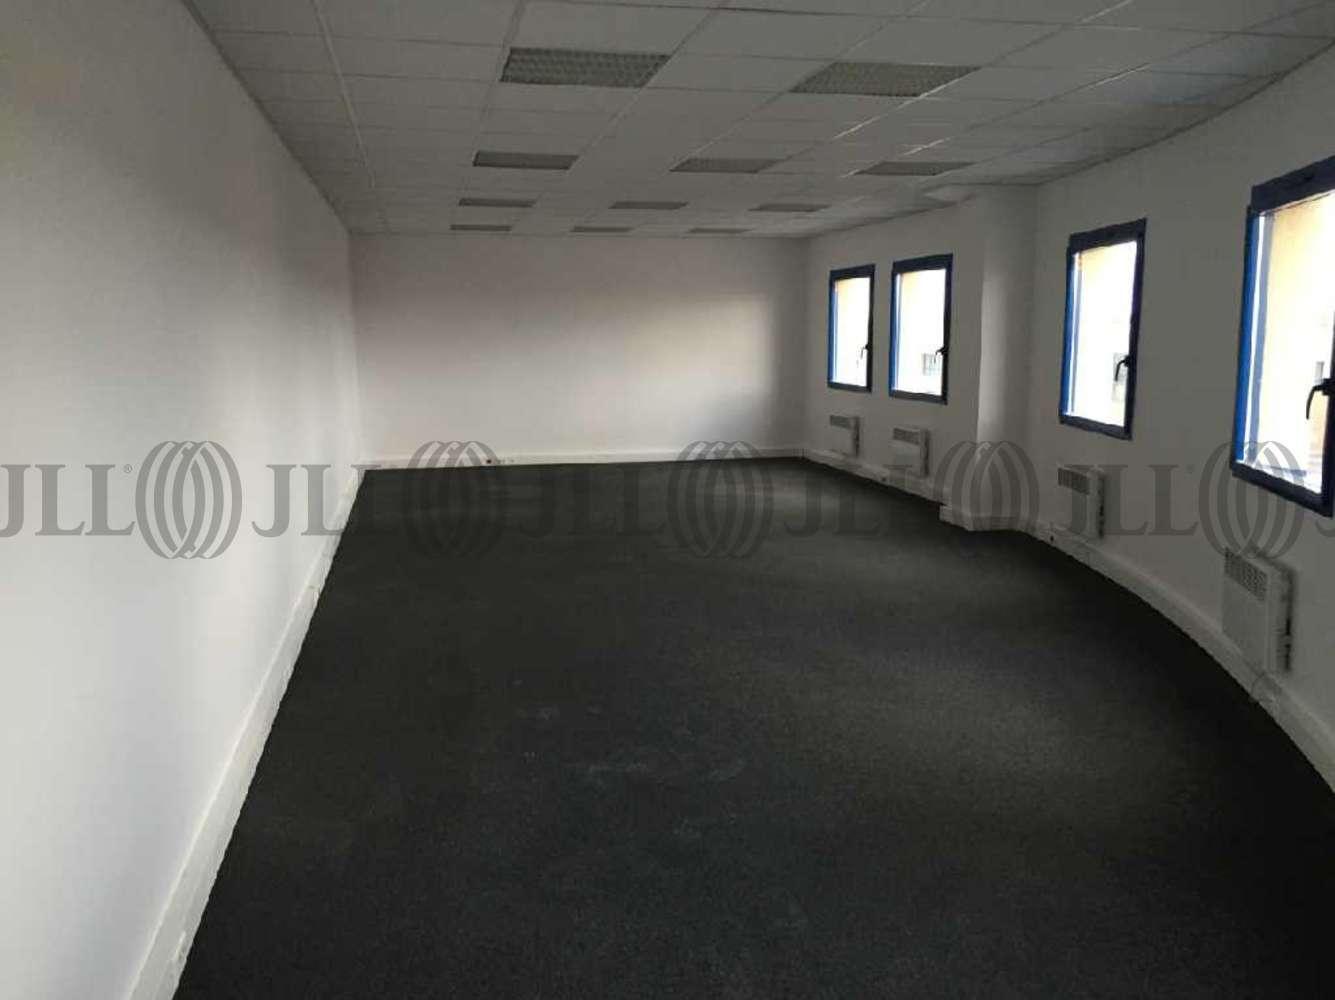 Activités/entrepôt Moissy cramayel, 77550 - ANACONDA - 9458894